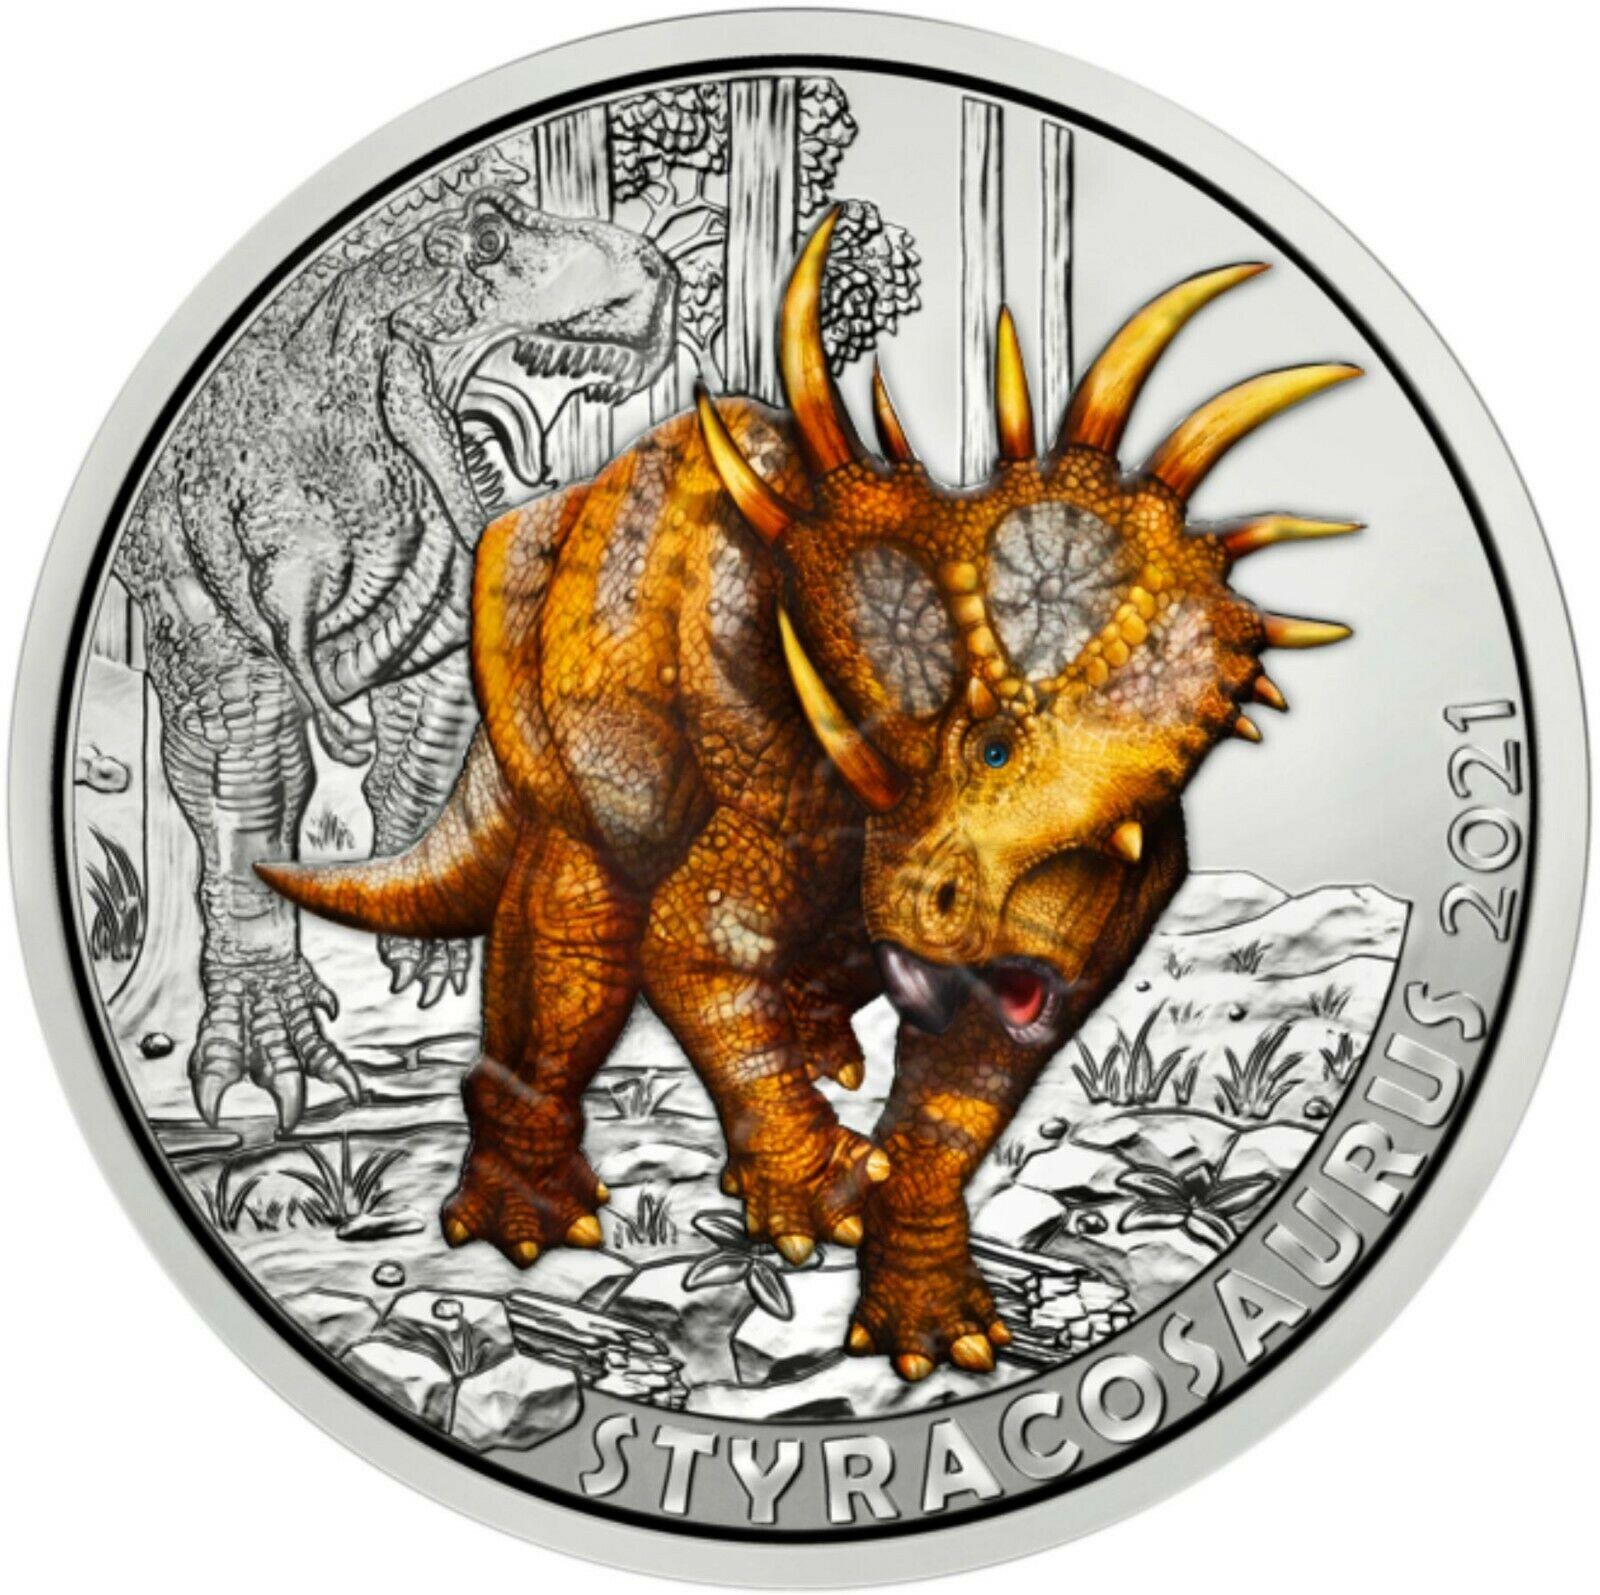 Австрия 3 евро 2021 г.  Стиракозавр